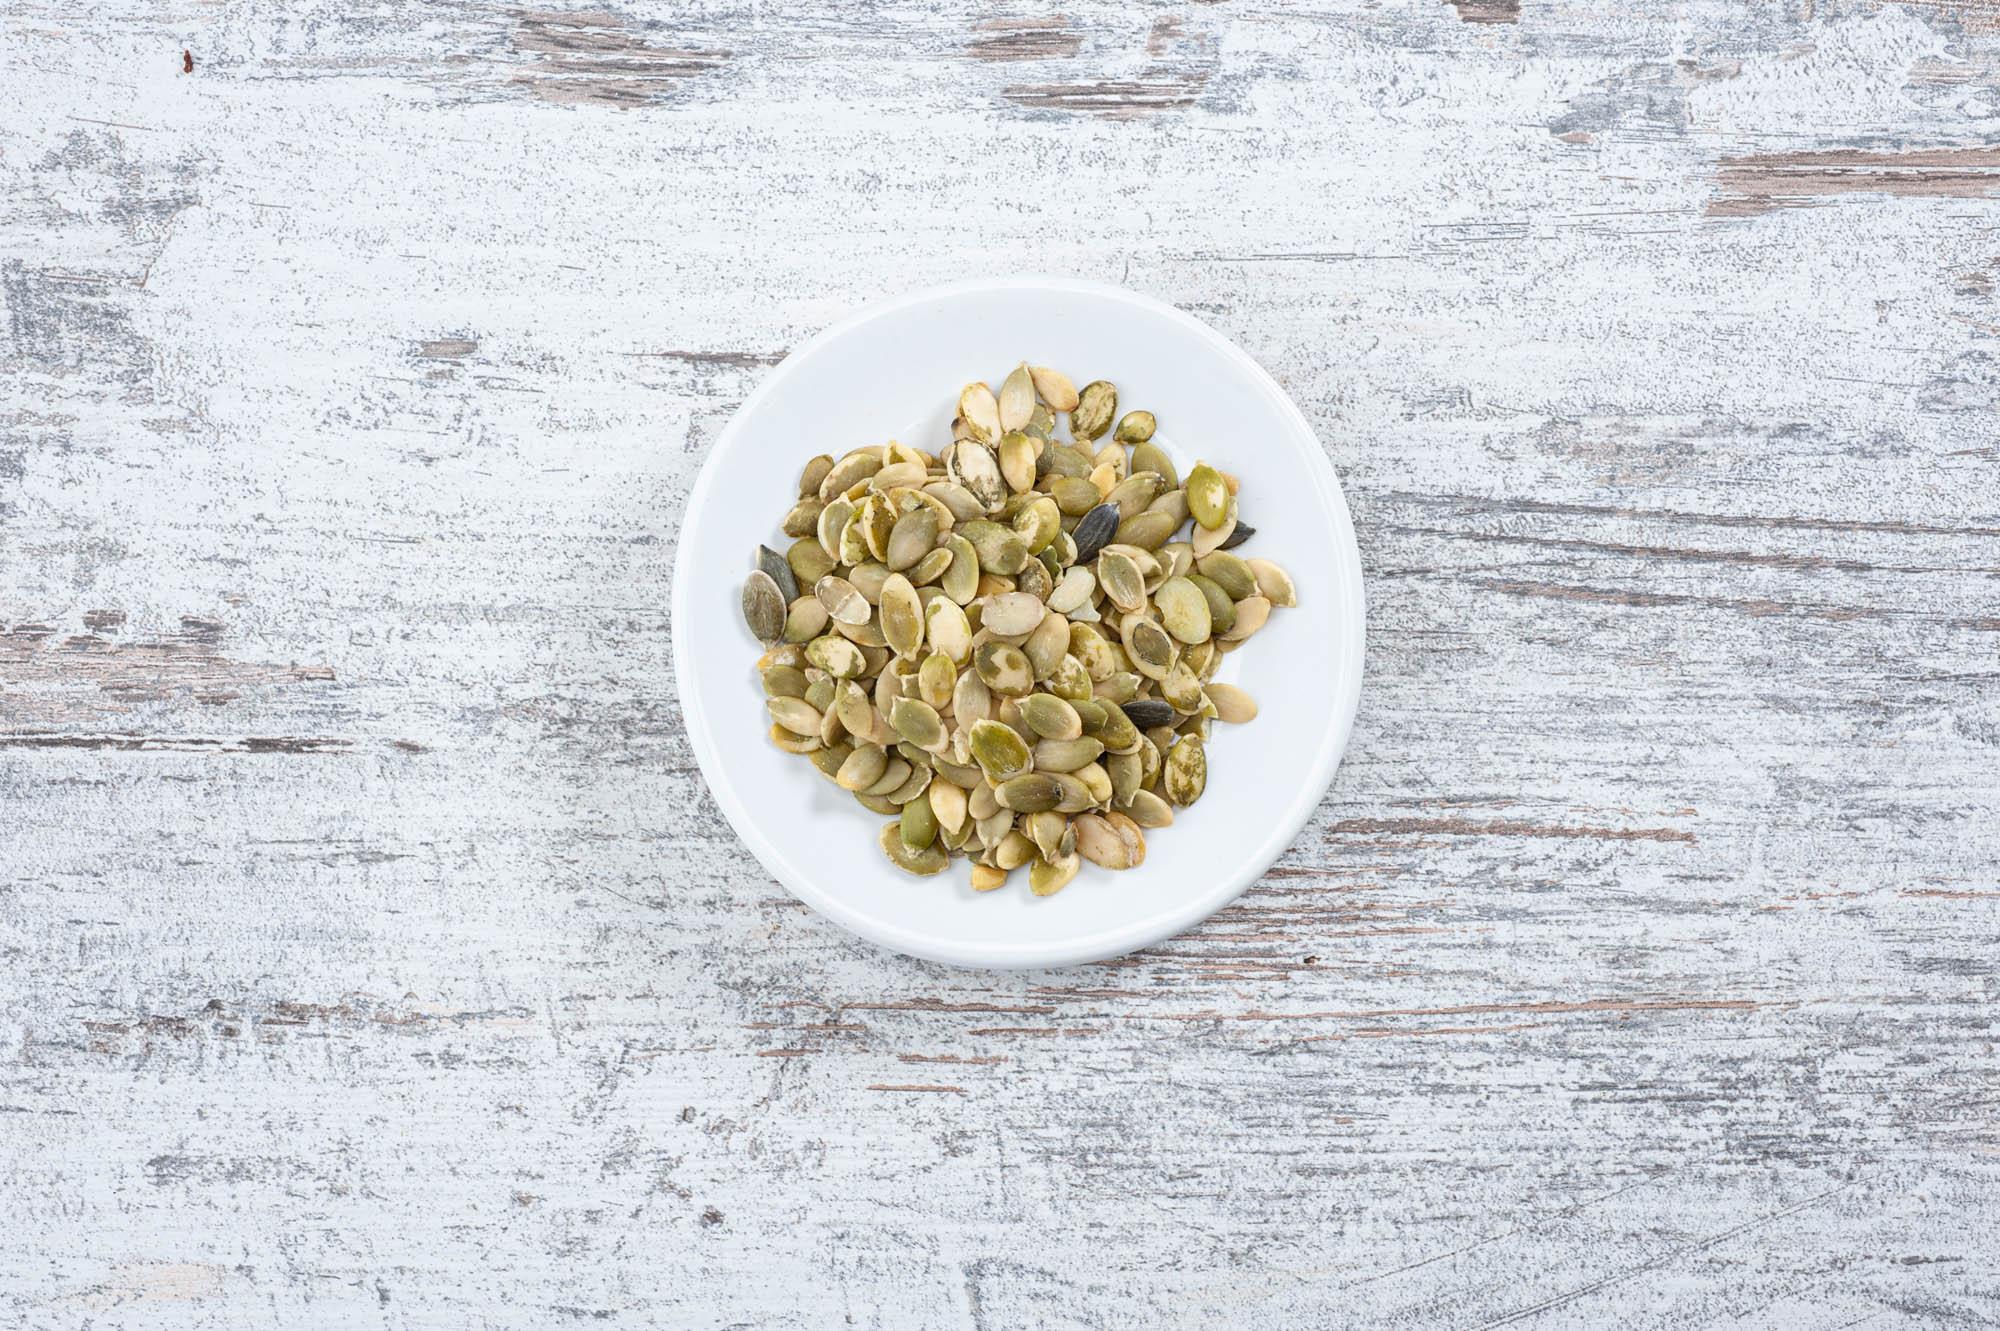 pumkpin seeds